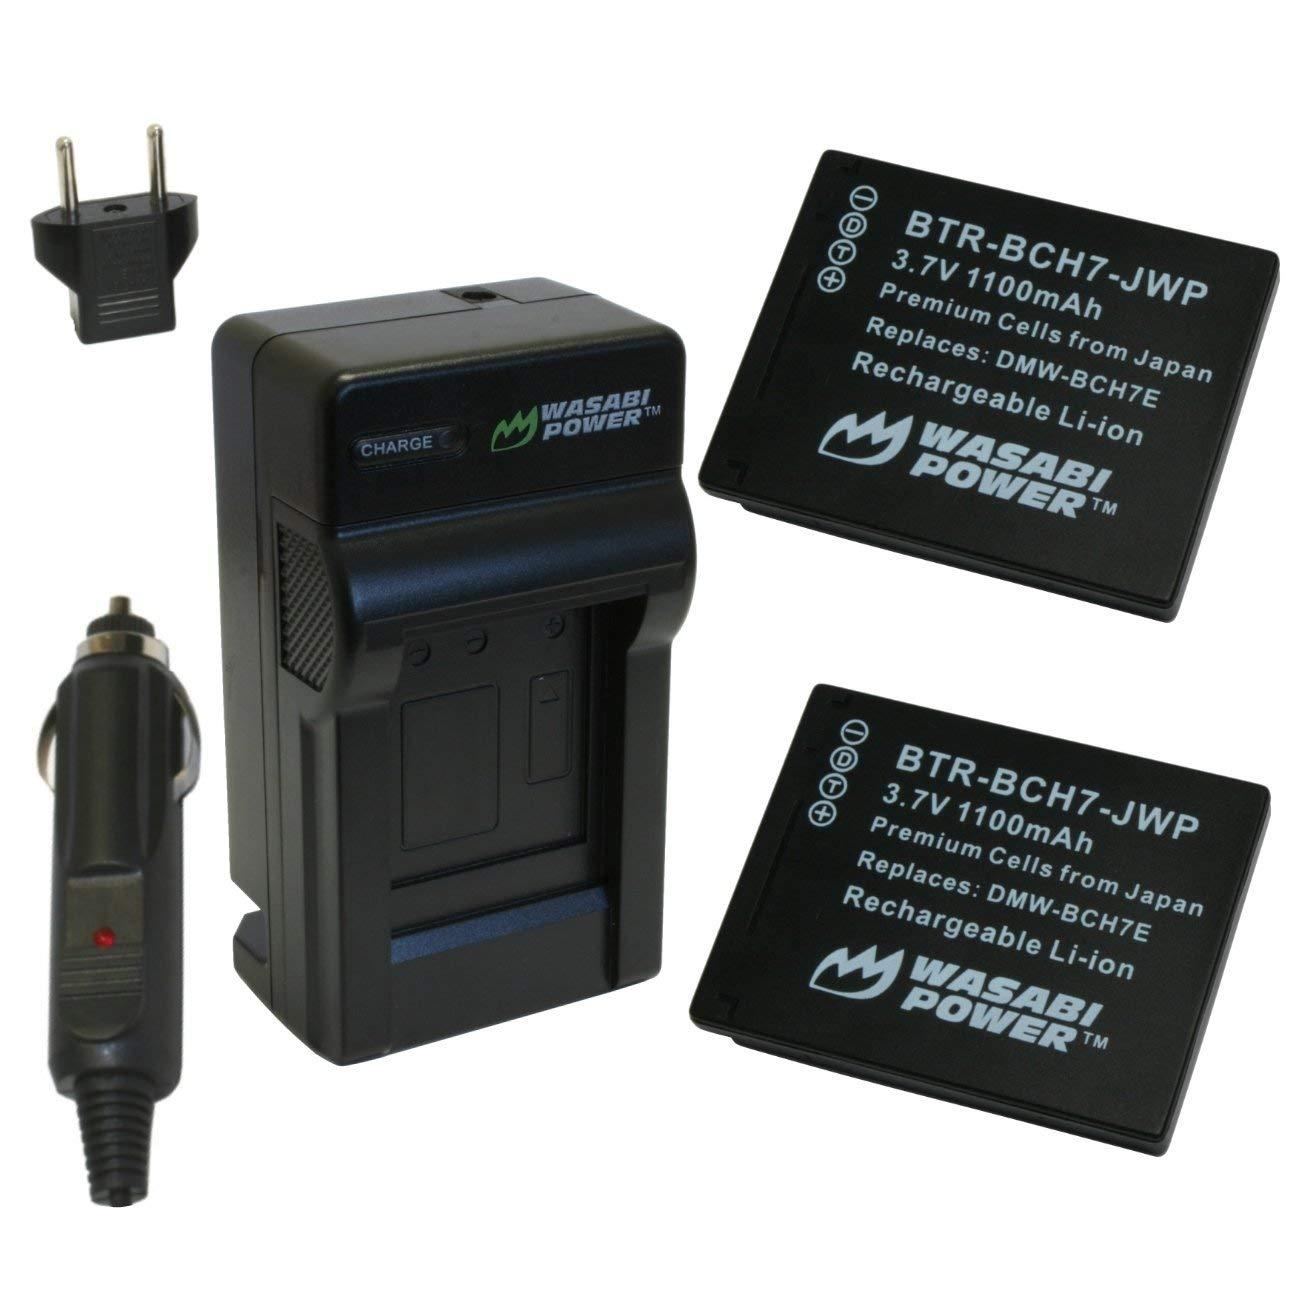 Wasabi Power Battery (2-Pack) and Charger for Panasonic DMW-BCH7, DMW-BCH7PP, DMW-BCH7E, Lumix DMC-FP1, DMC-FP2, DMC-FP3, DMC-FT10, DMC-TS10